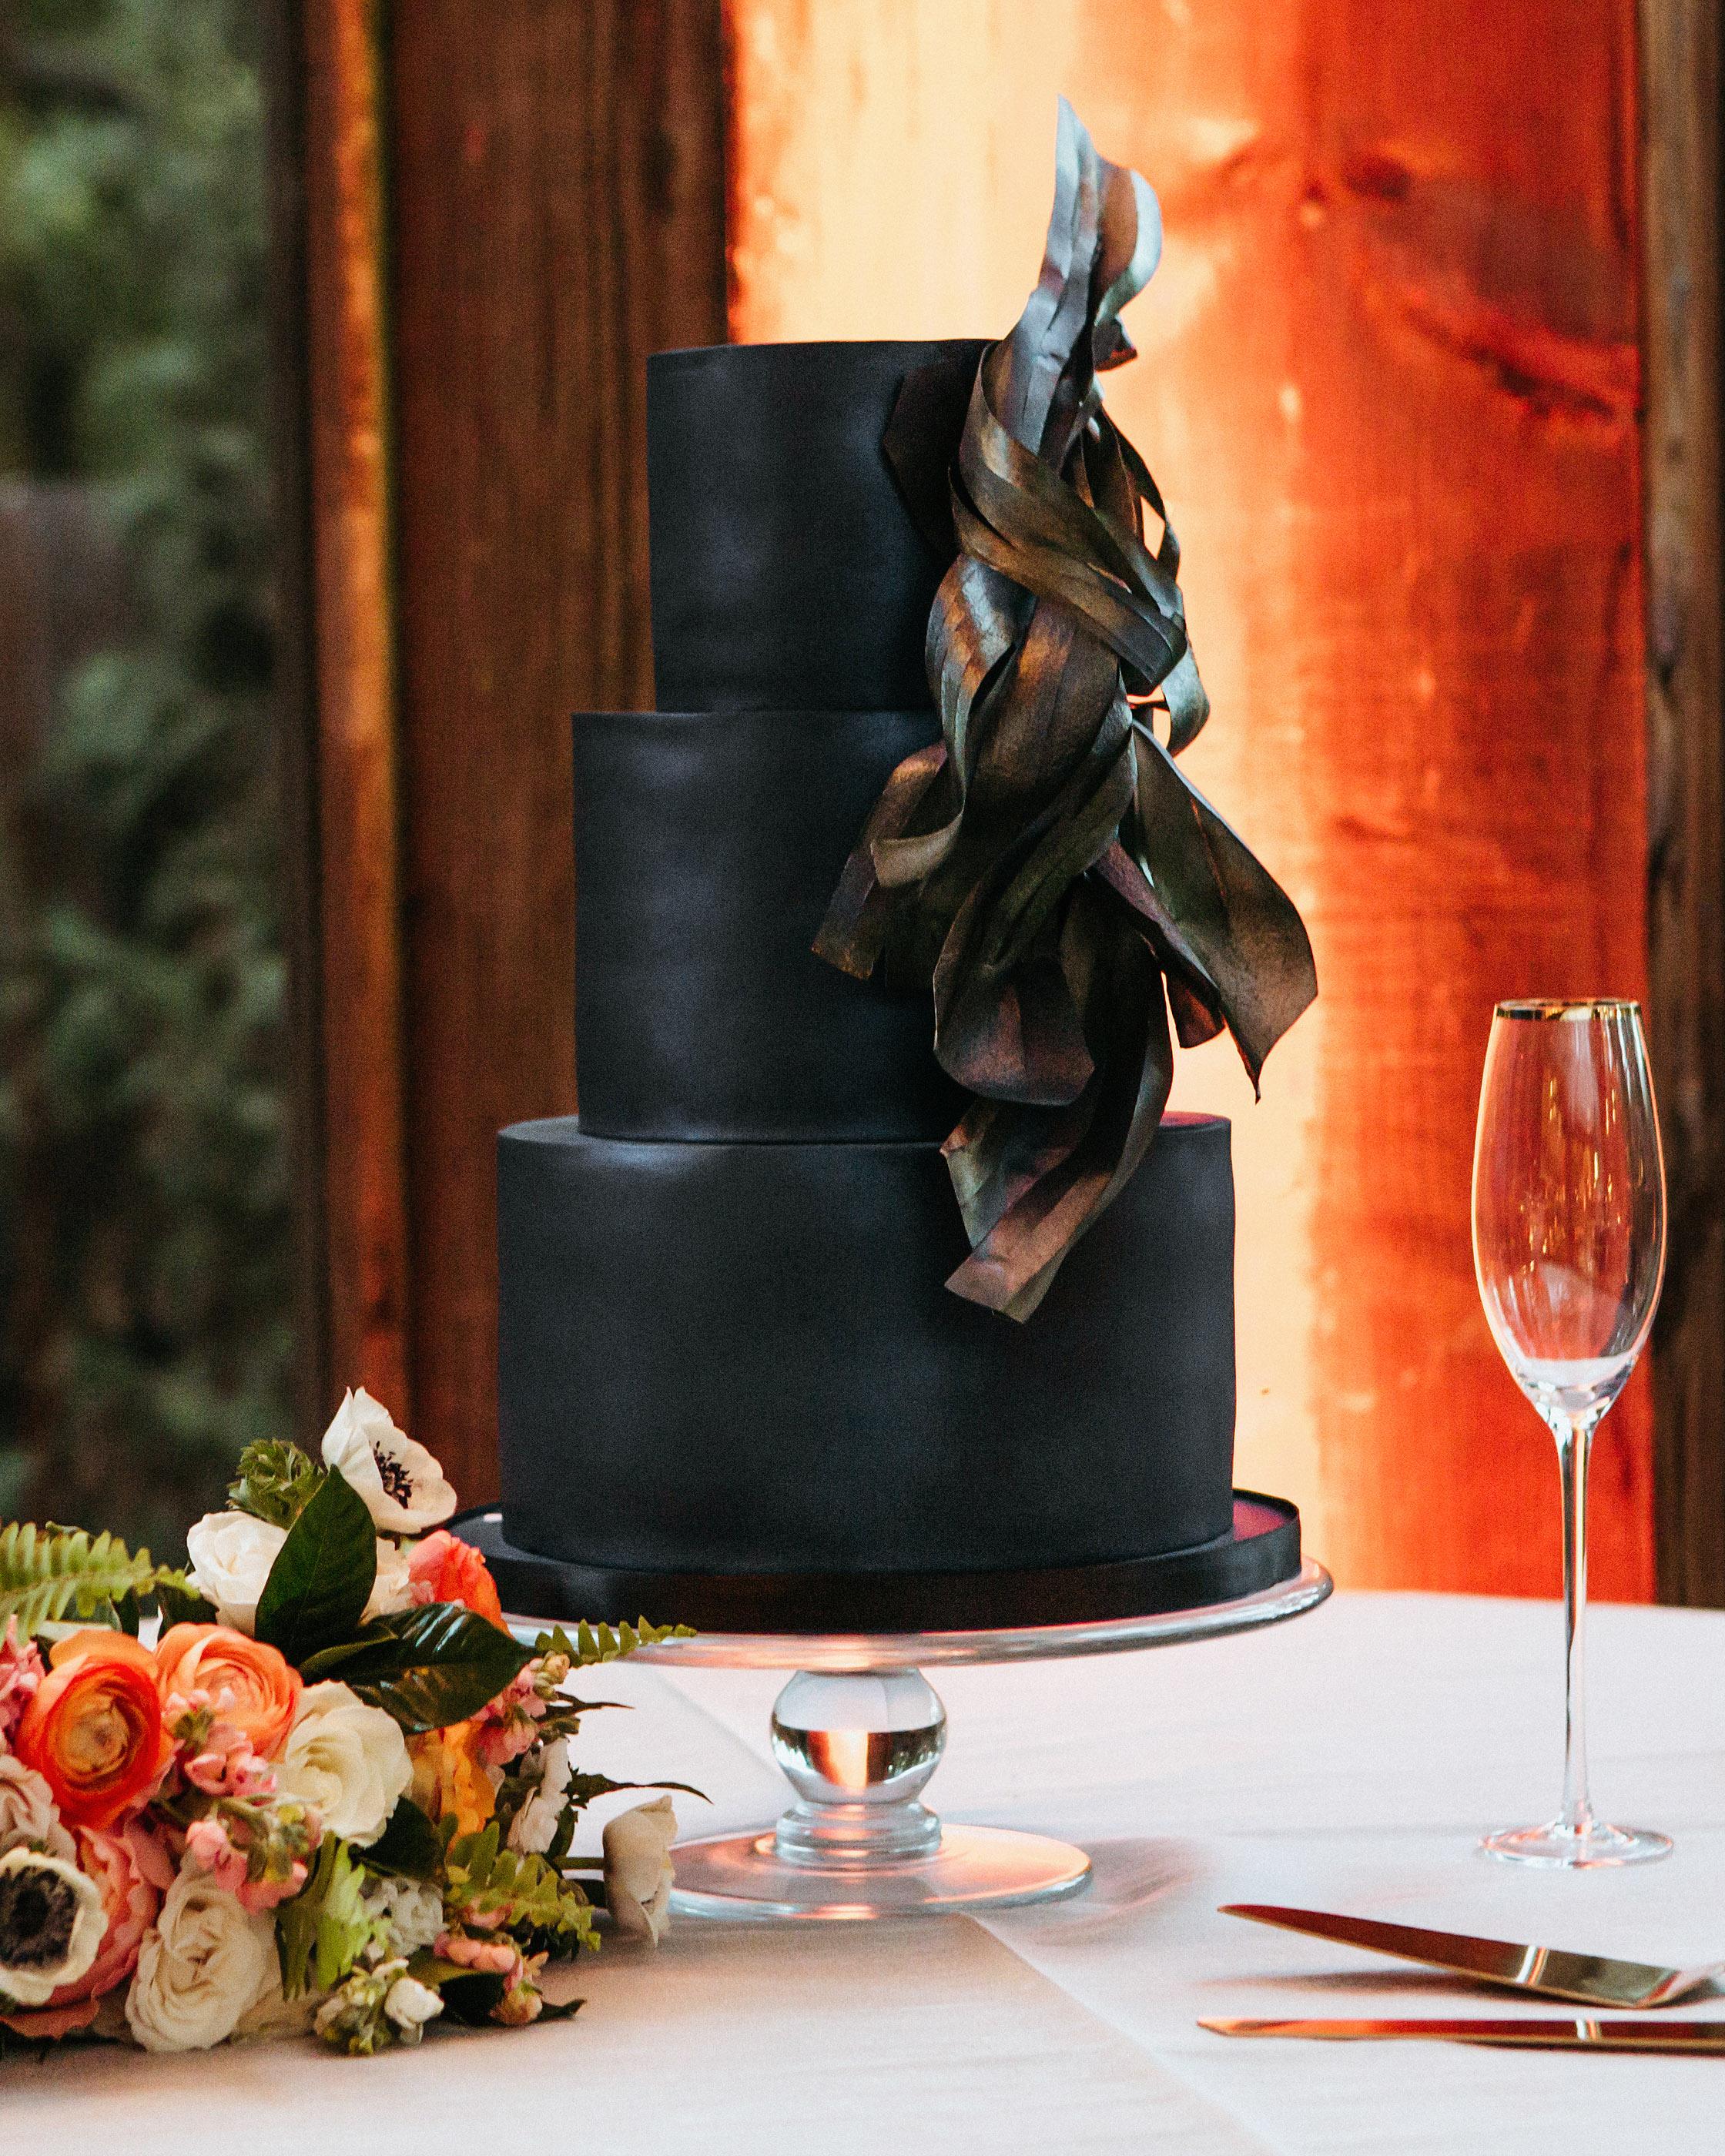 black-wedding-cake-the-gathering-season-bottegalouie-0918